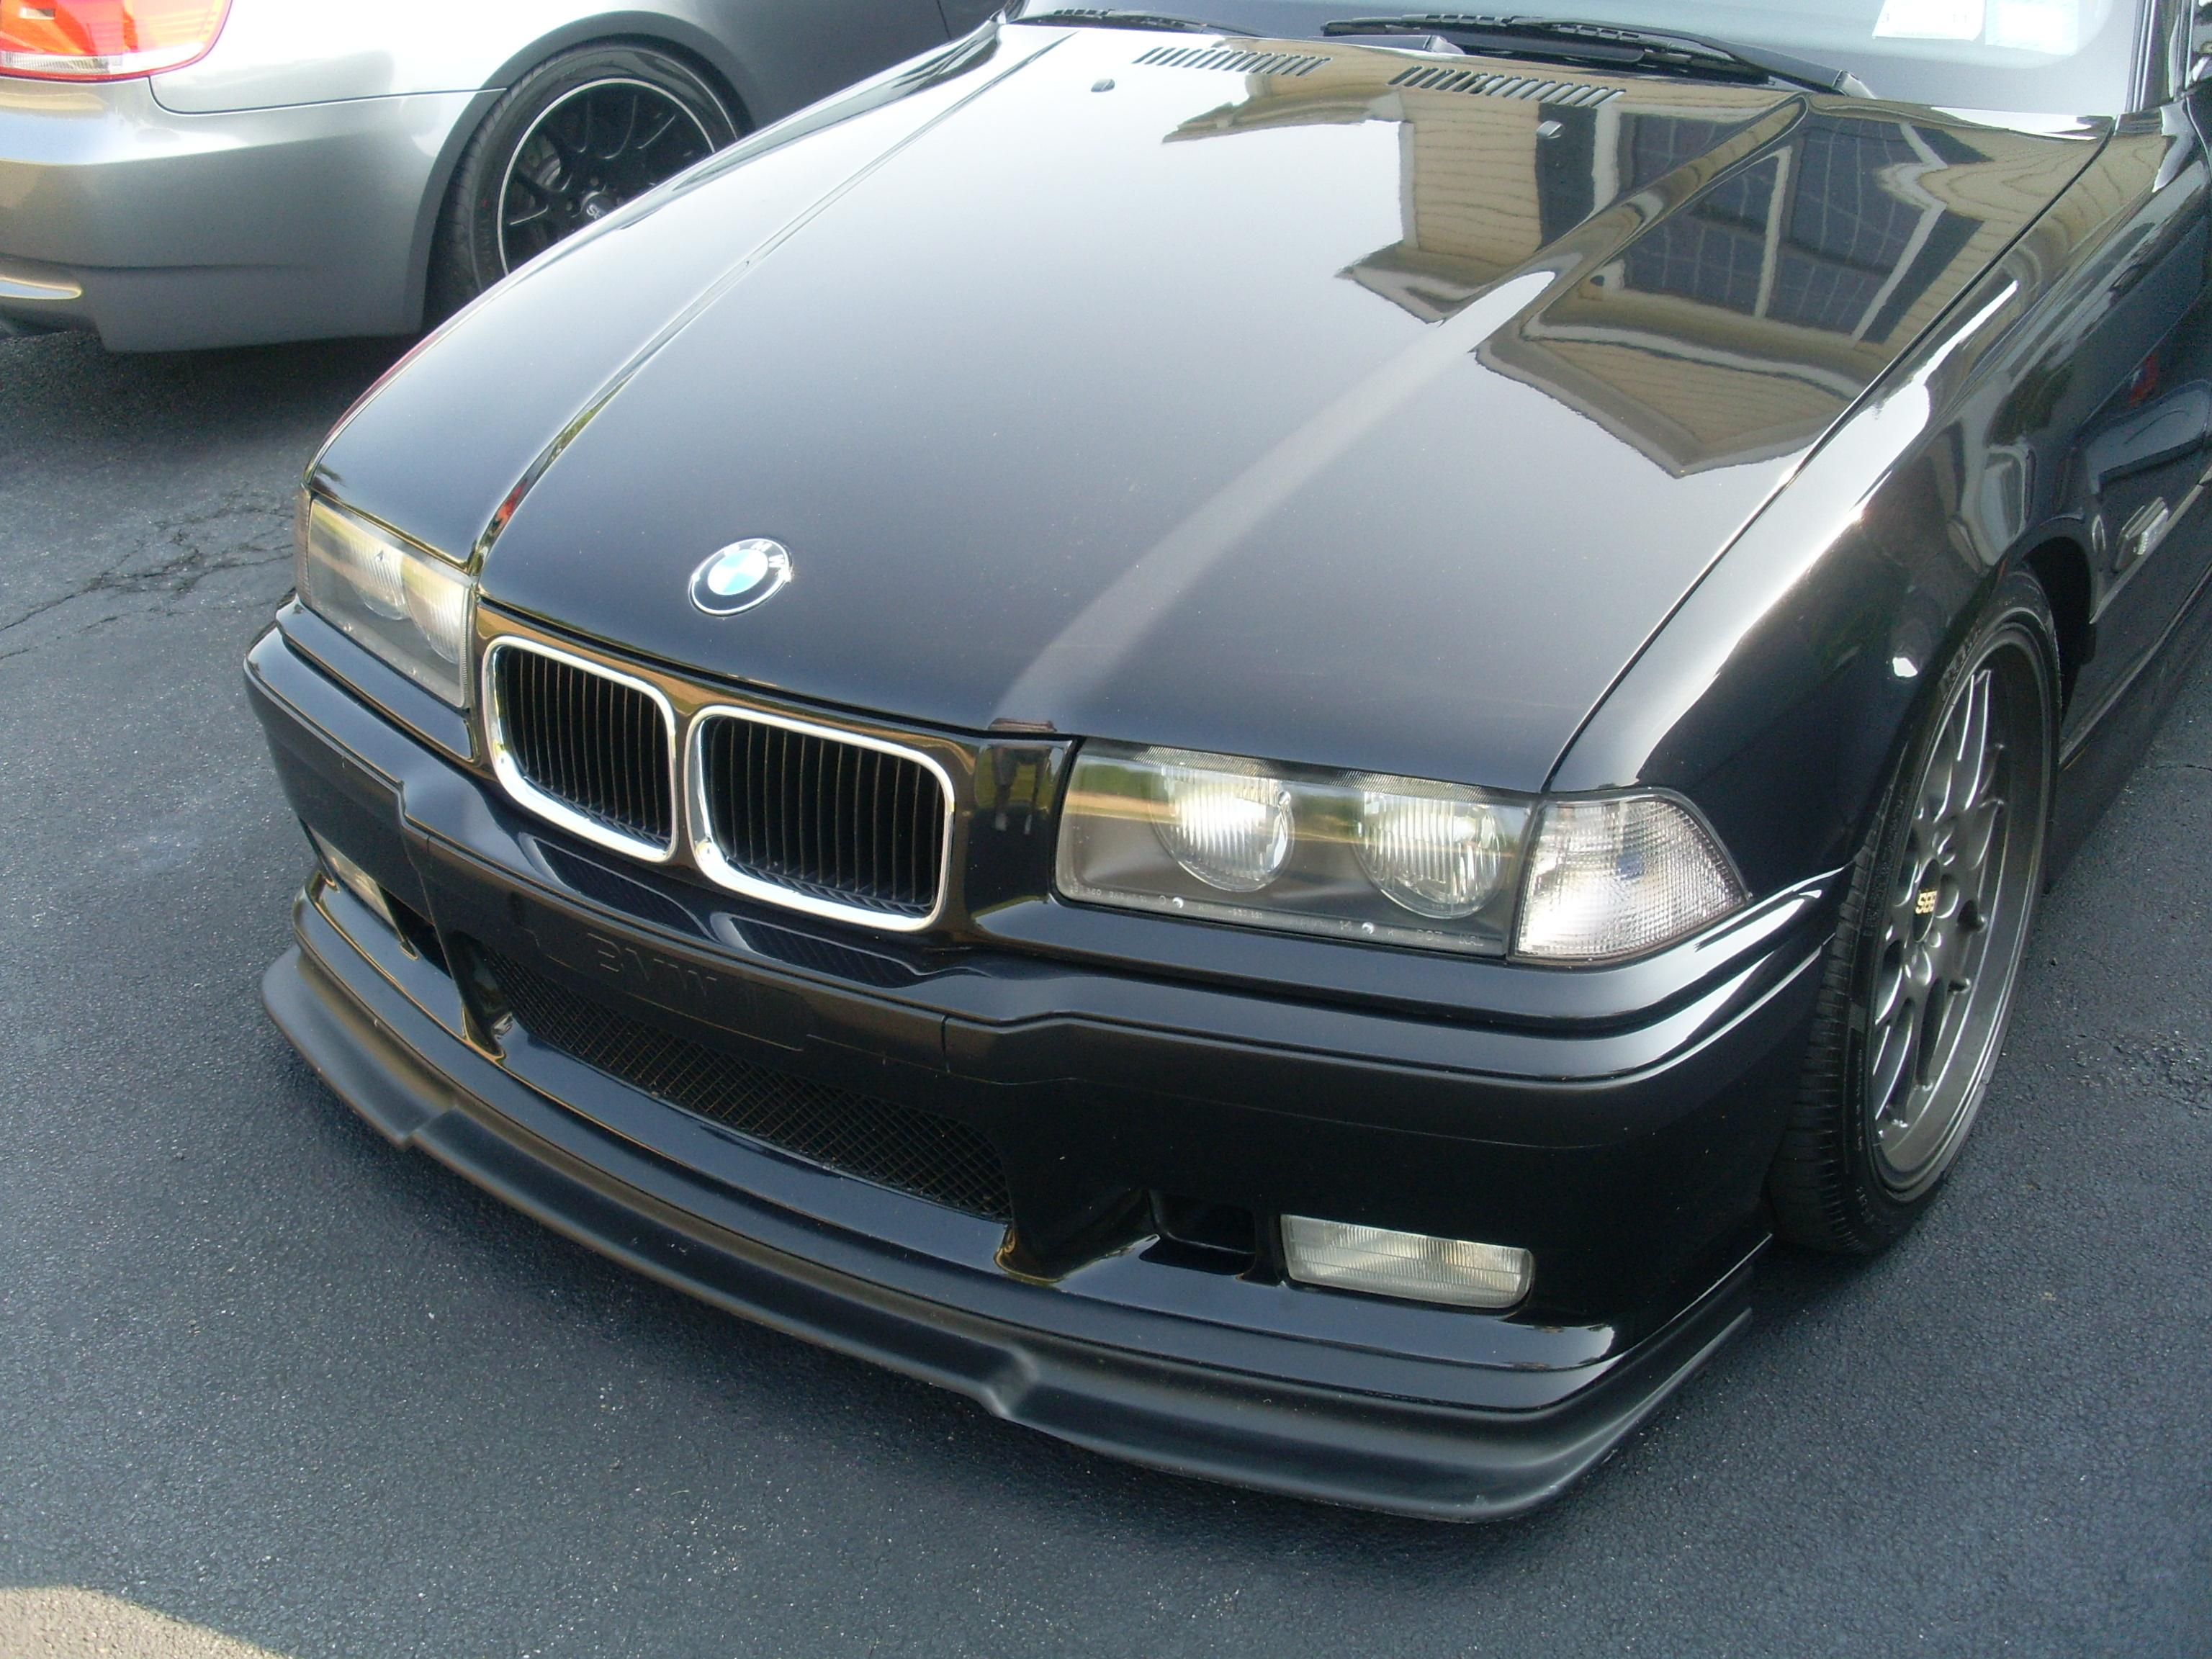 MY95 E36 M3 Track/Street Car-e36-m3-004.jpg